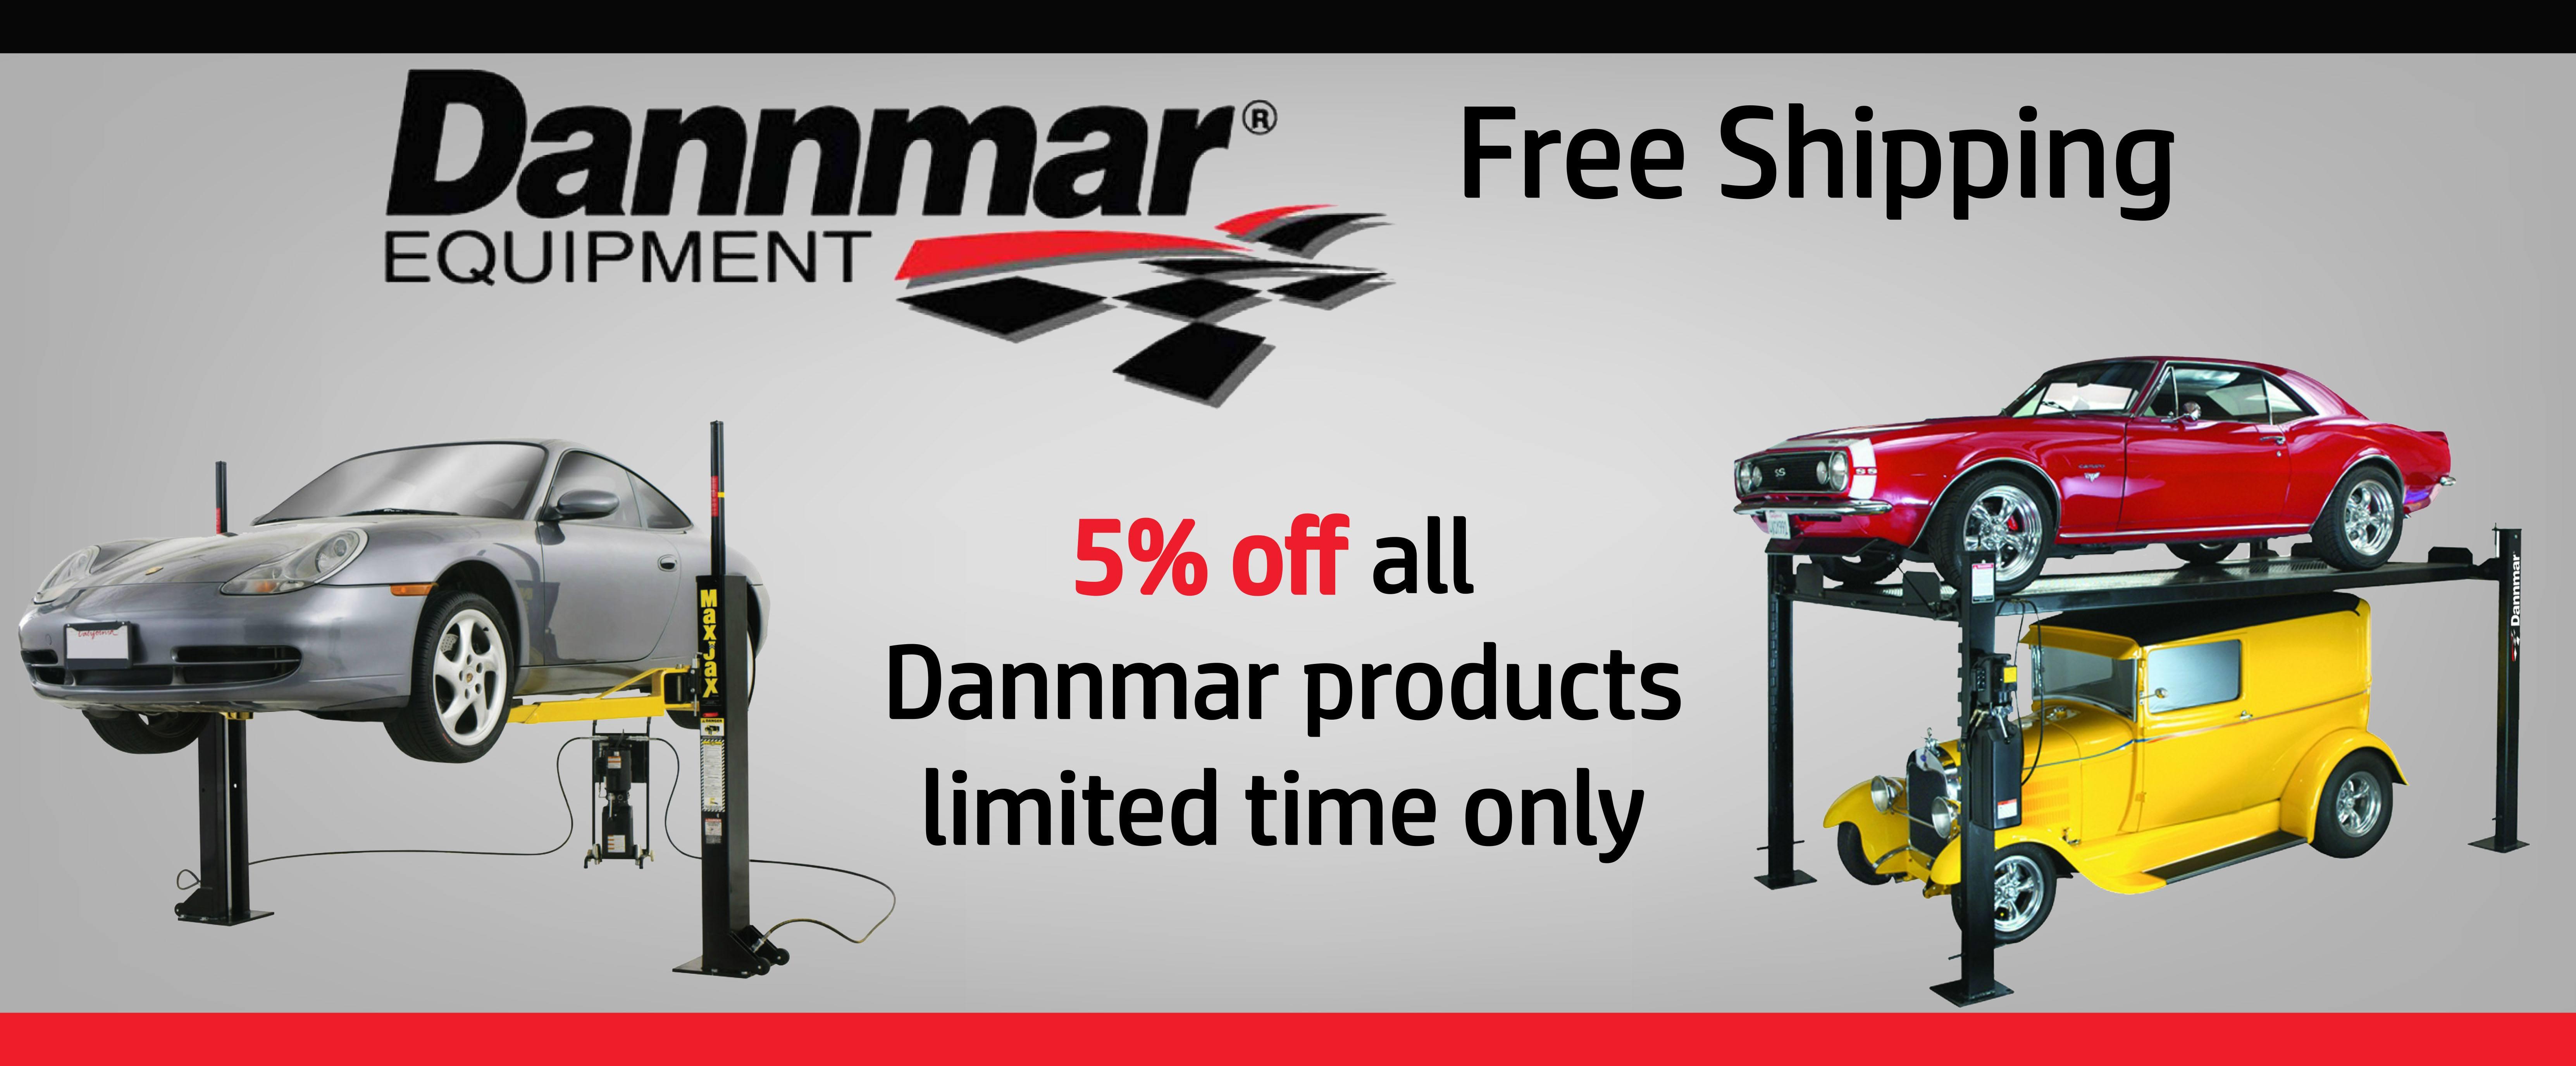 Dannmar Products Jmc Automotive Equipment